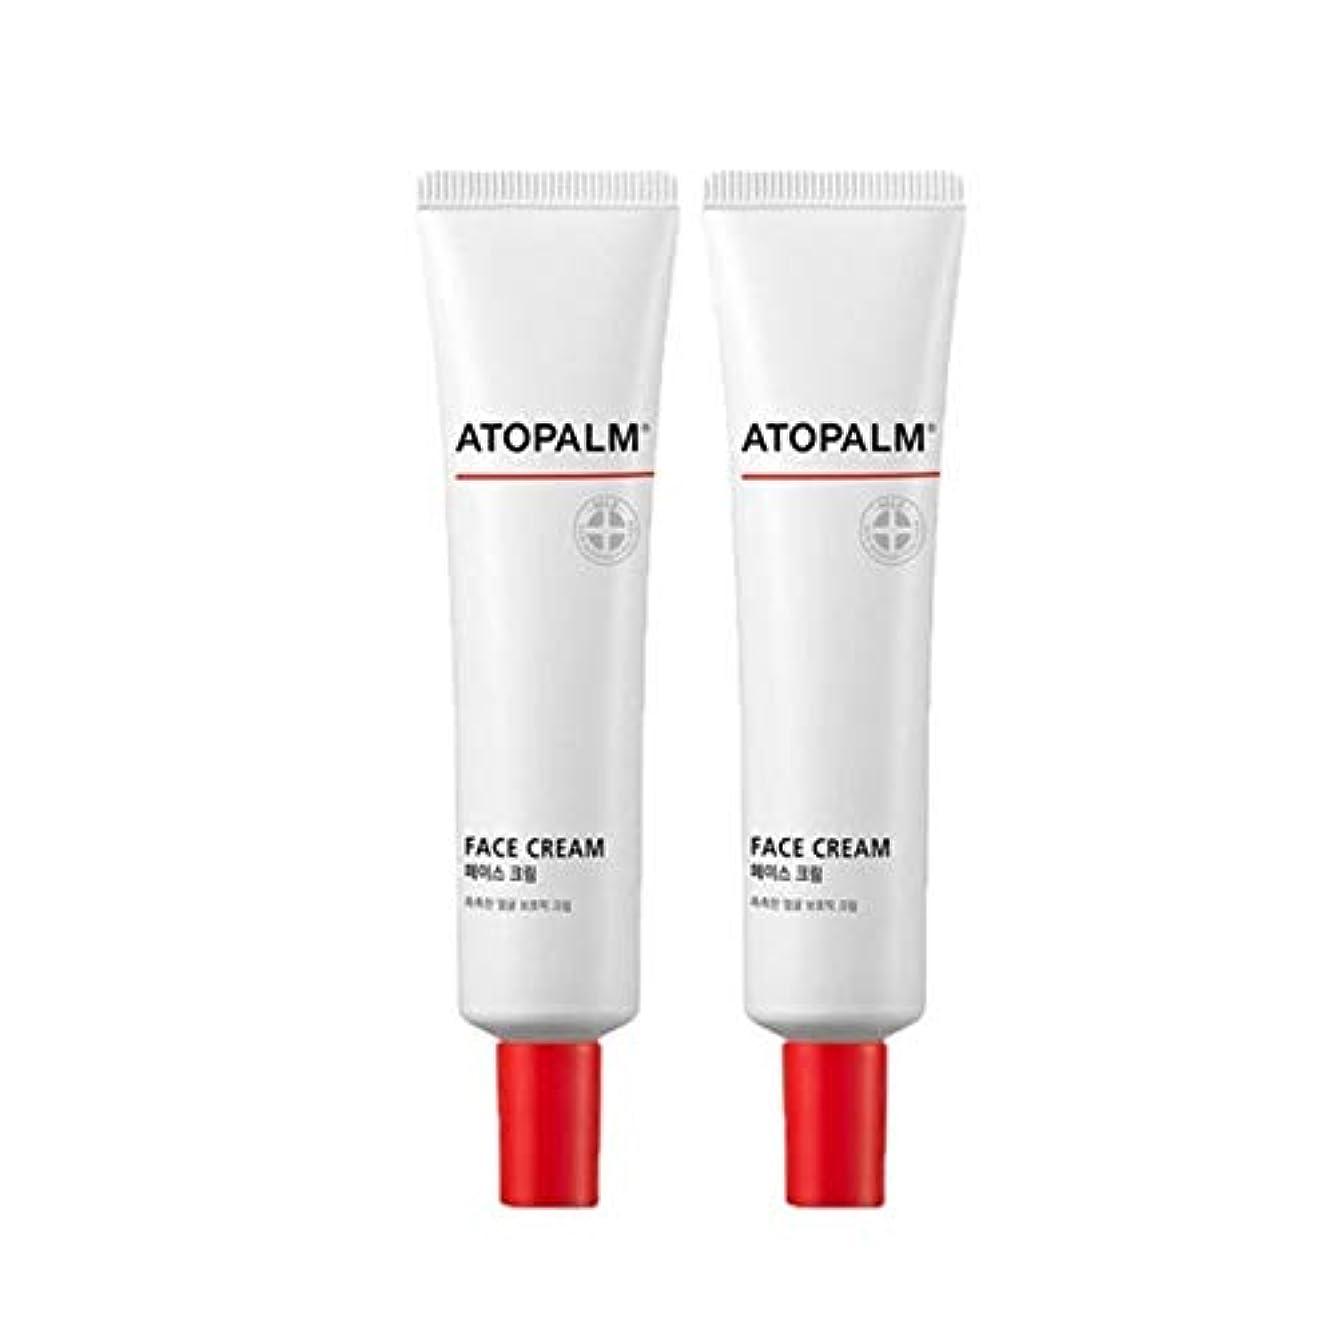 私たち自身当社配管アトパムフェイスクリーム35mlx2本セット韓国コスメ、Atopalm Face Cream 35ml x 2ea Set Korean Cosmetics [並行輸入品]